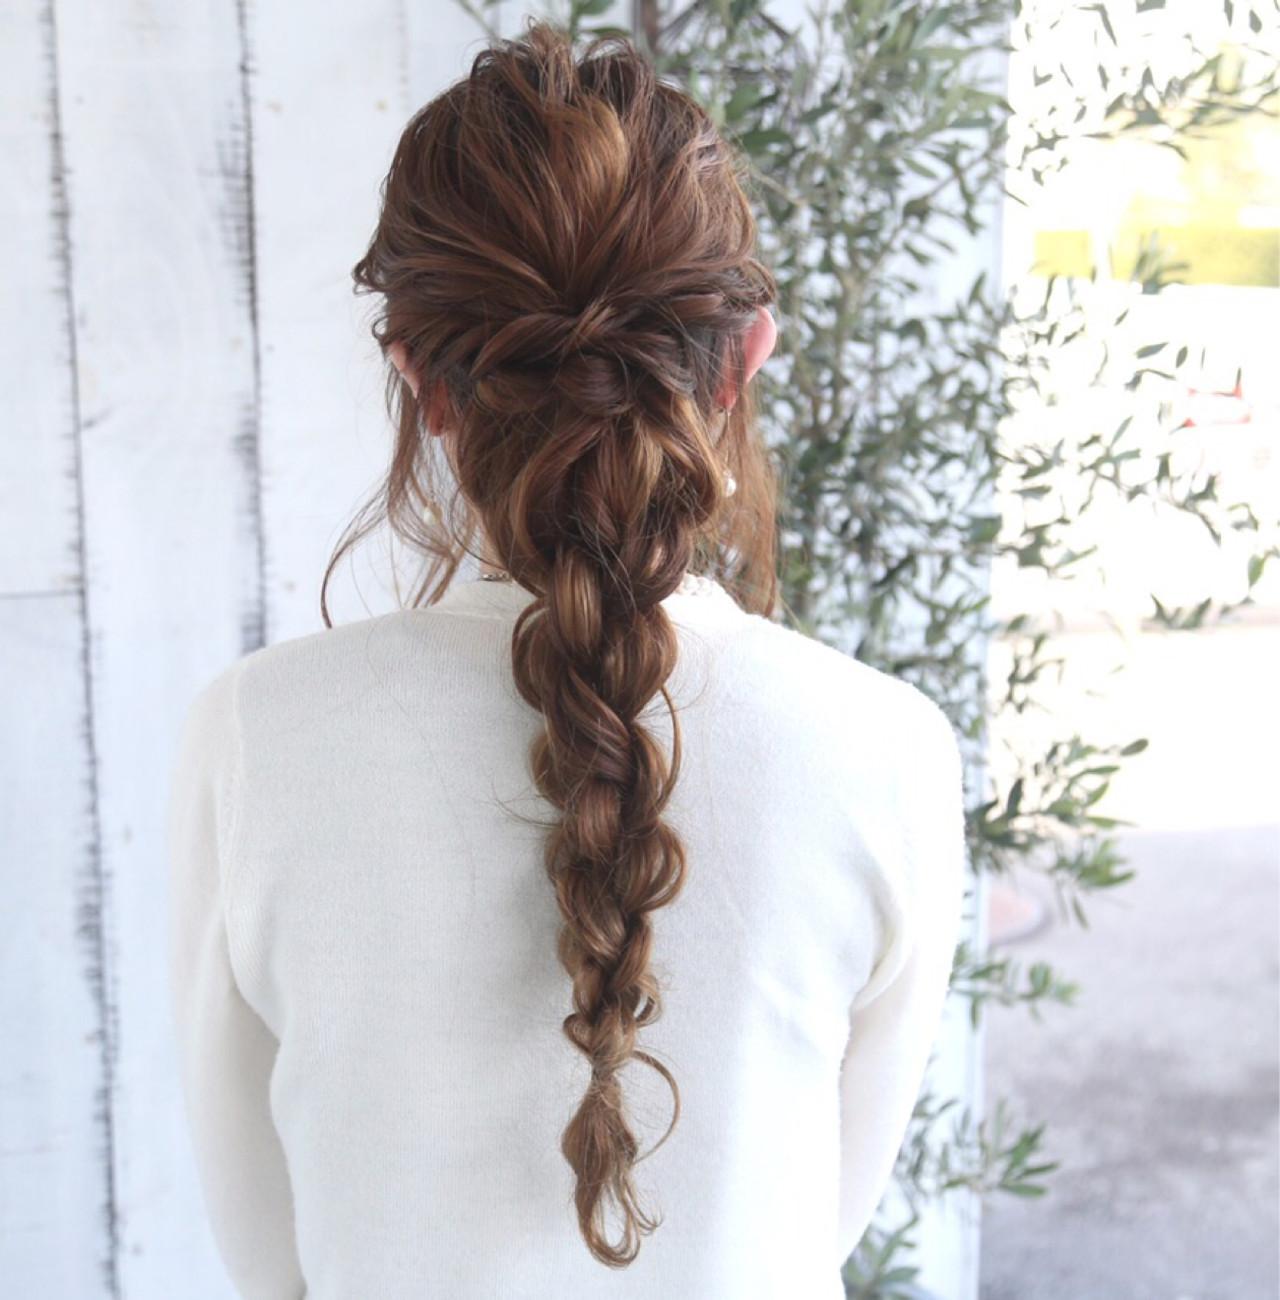 難しいと思ってない 簡単にできるロングの編み込みヘアアレンジ Hair